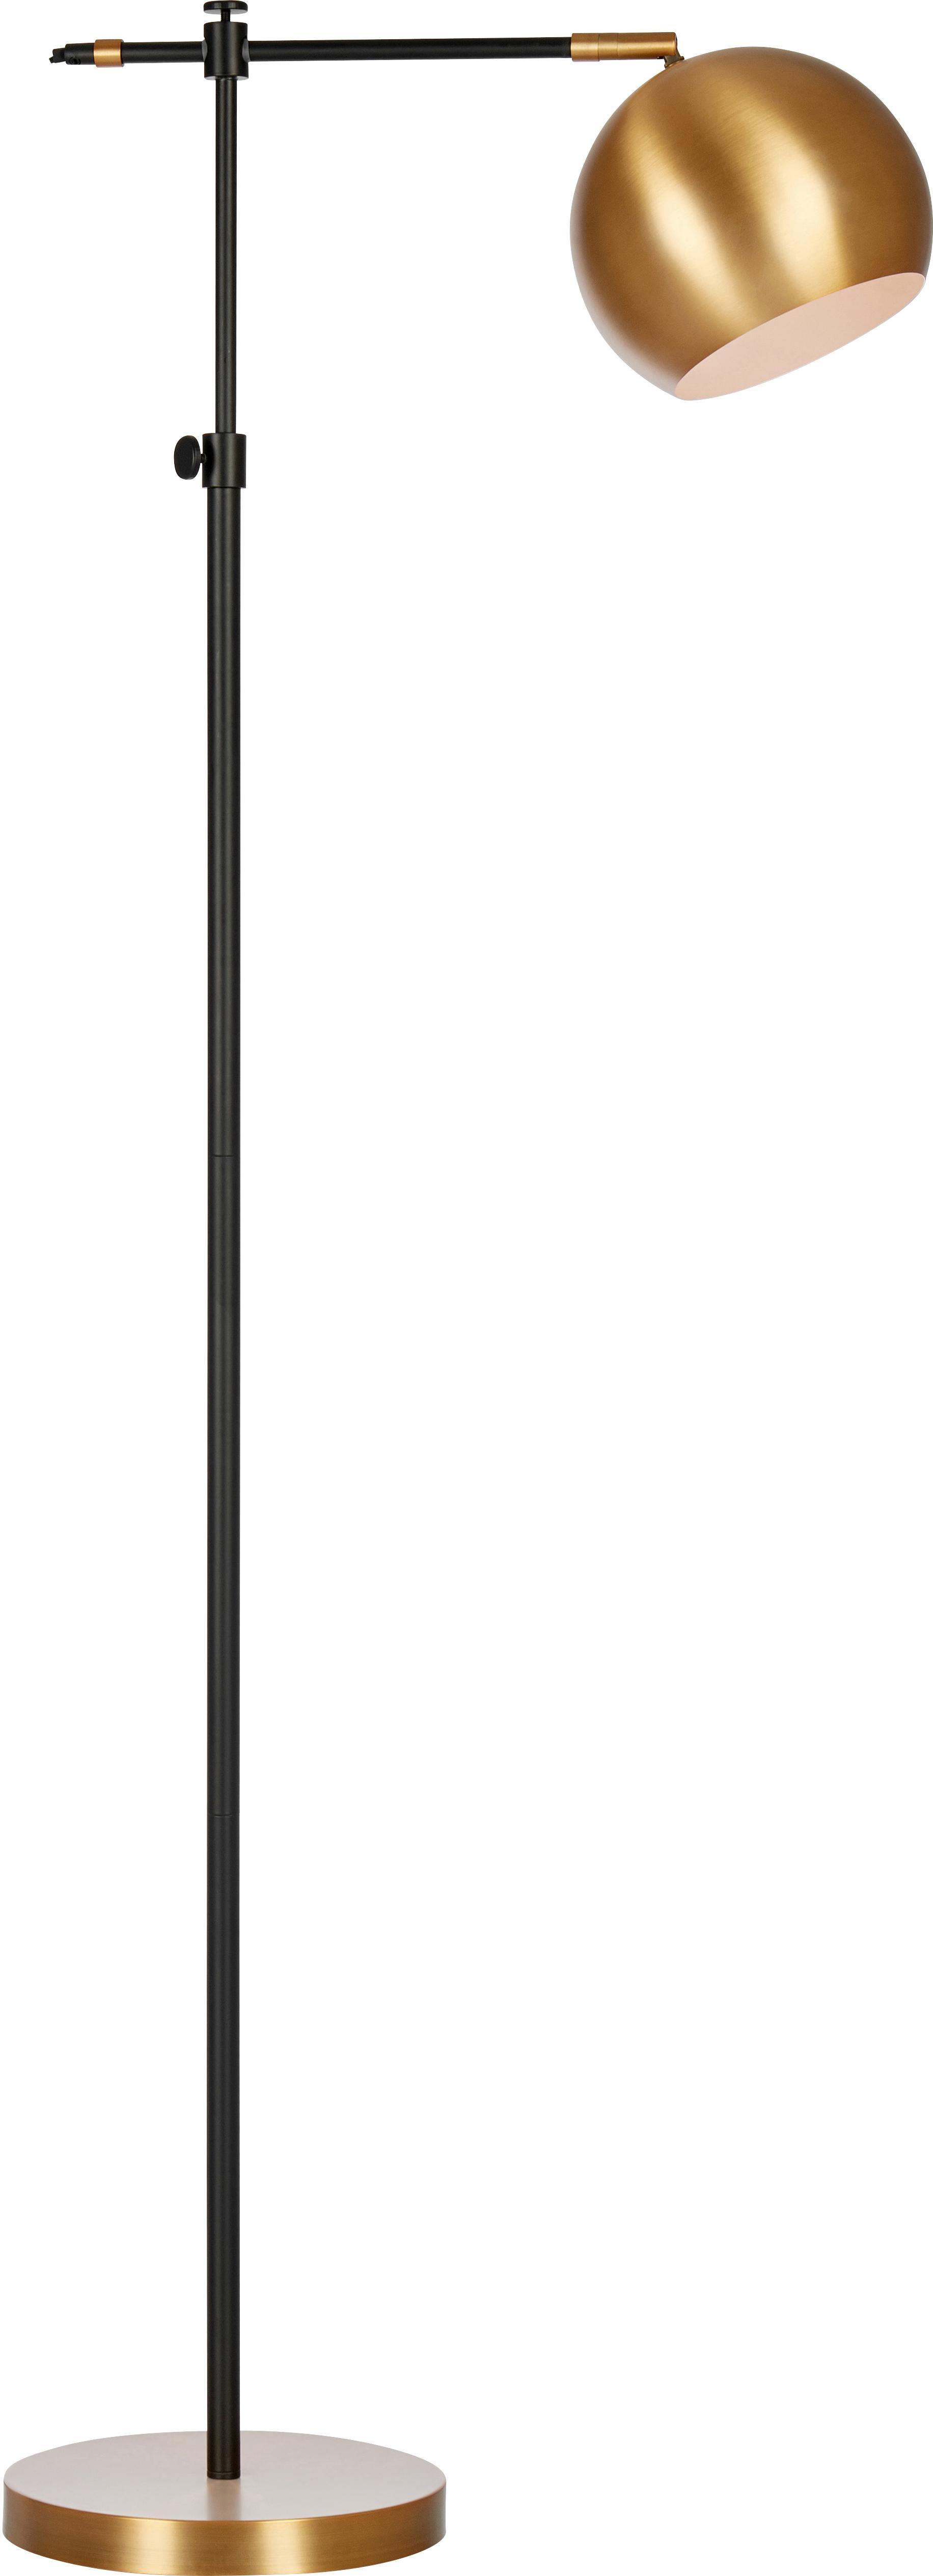 Lámpara de pie Chester, Latón pintado, Marrón, negro, An 25 x Al 135 cm